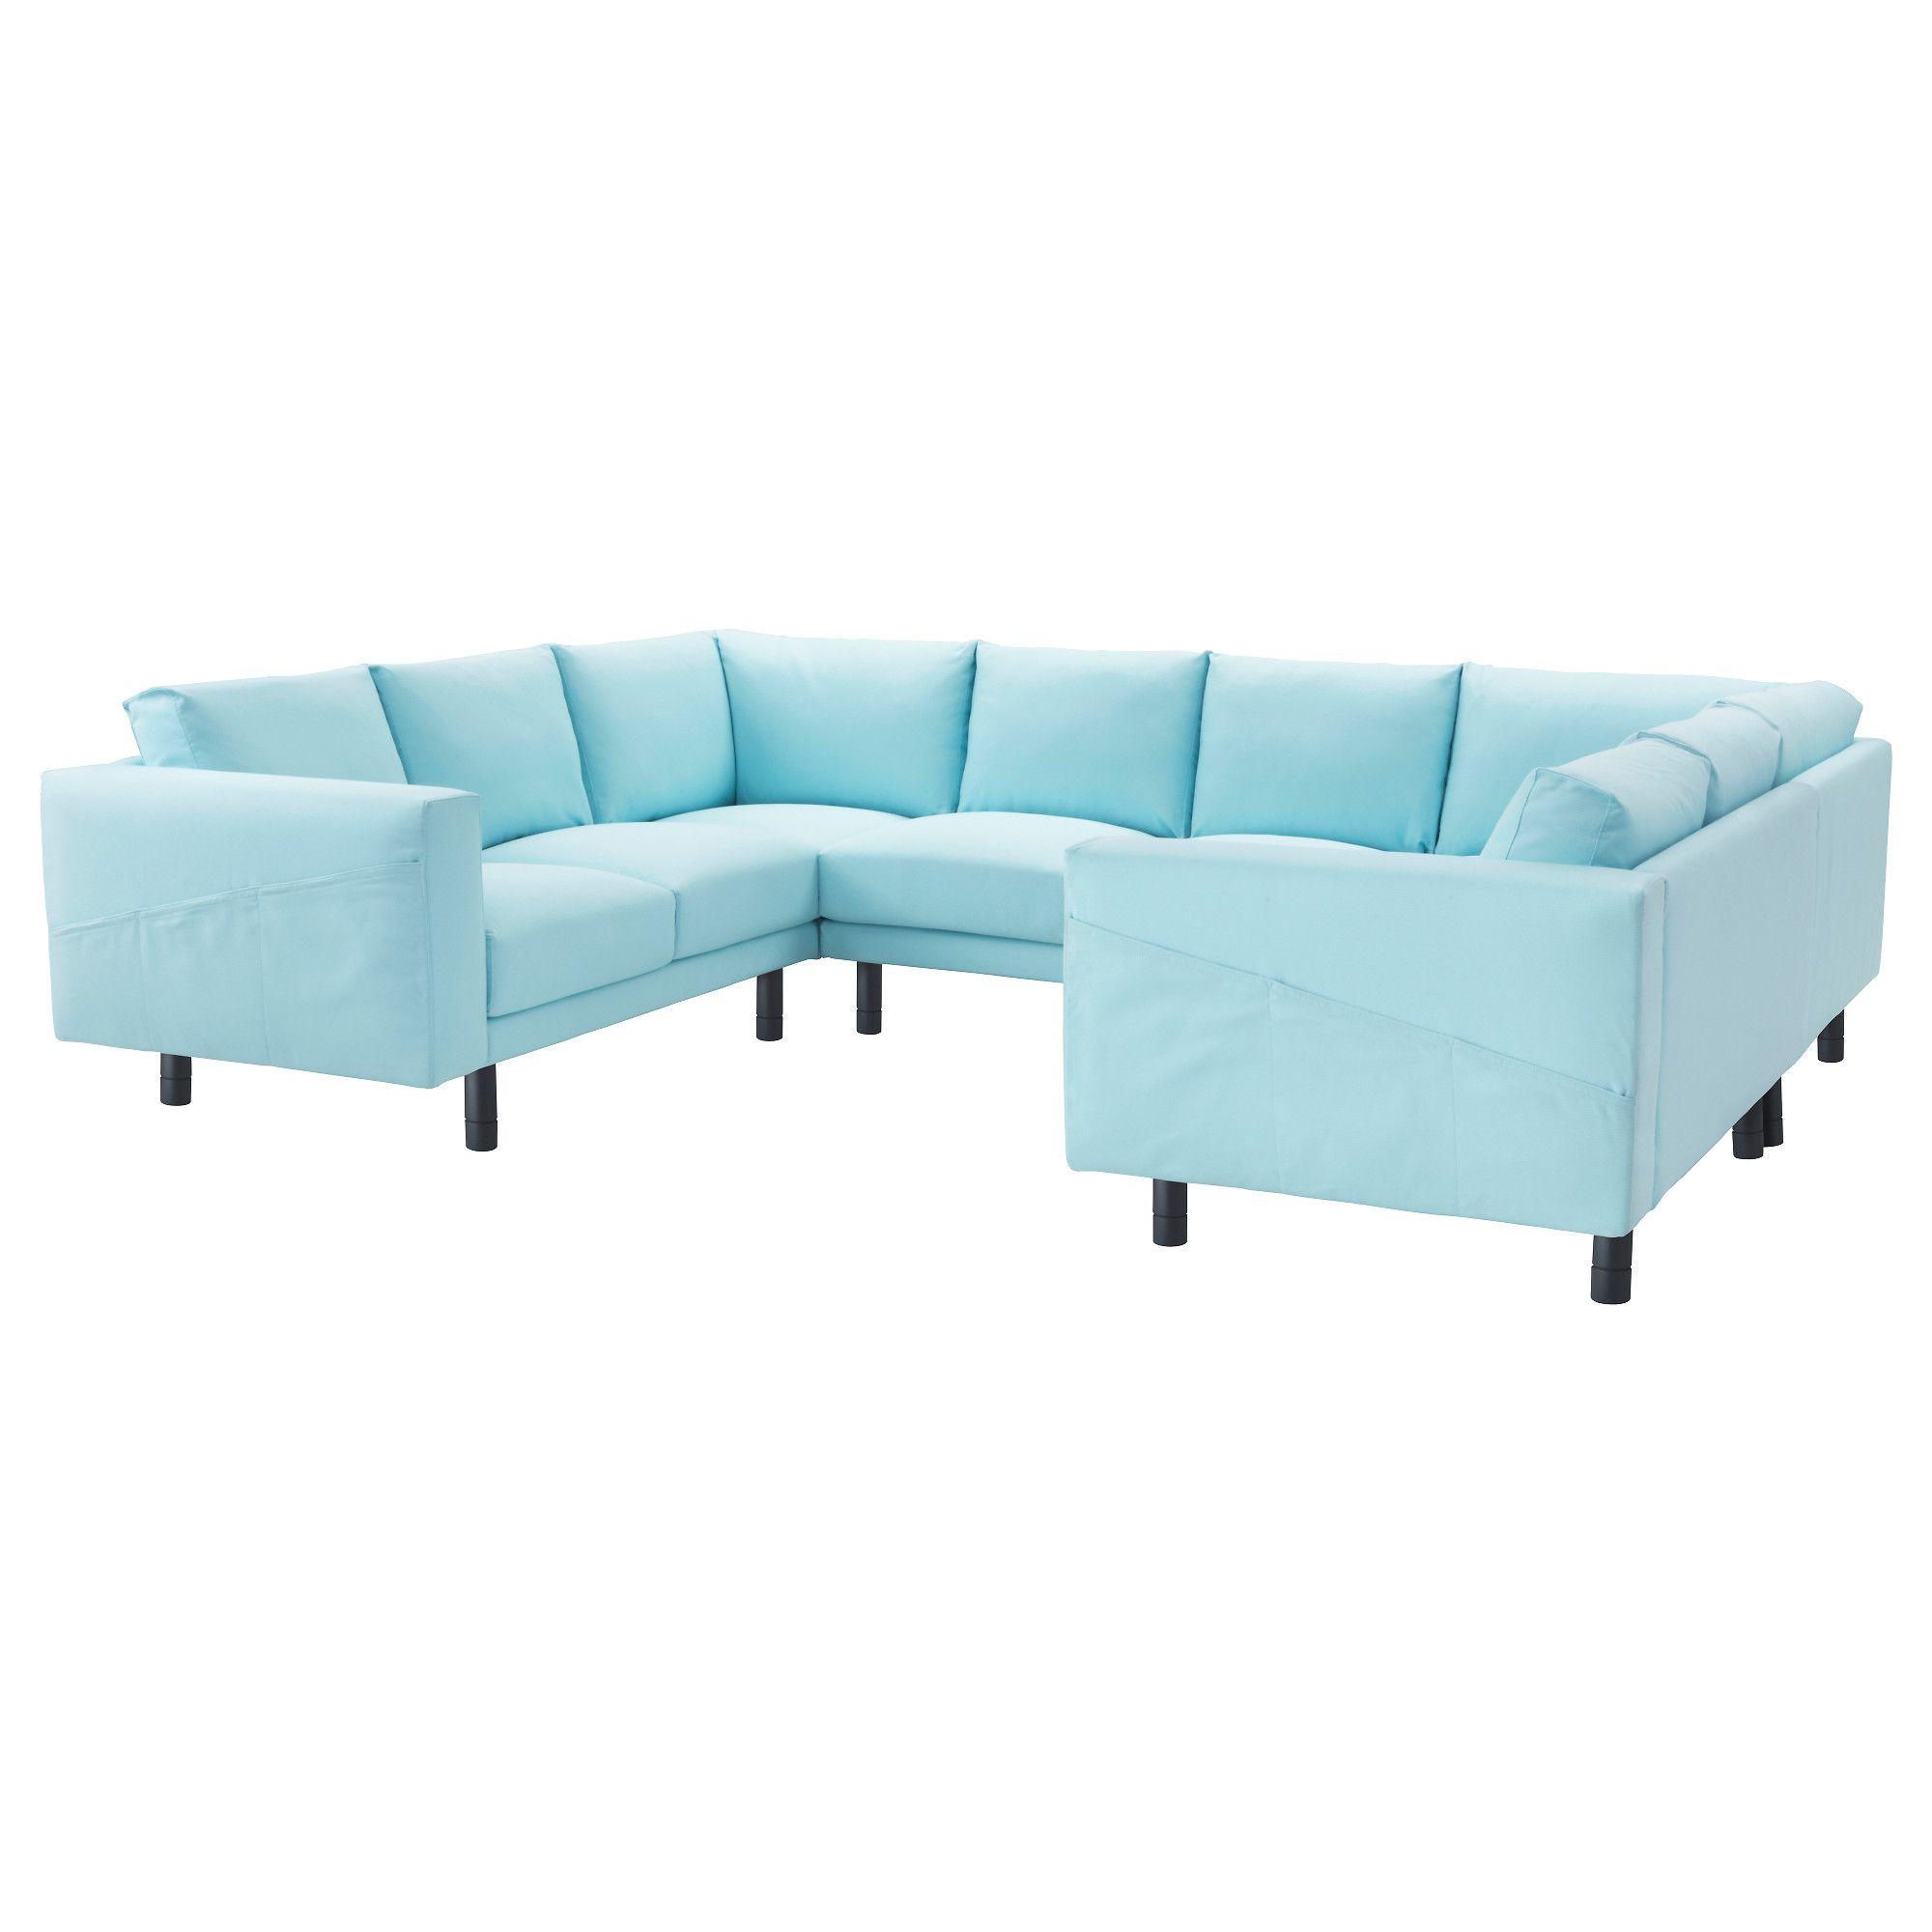 Bezaubernd Couch Hellblau Das Beste Von Norsborg, 8er-sofa, U-form, Edum Hellblau, Jetzt Bestellen